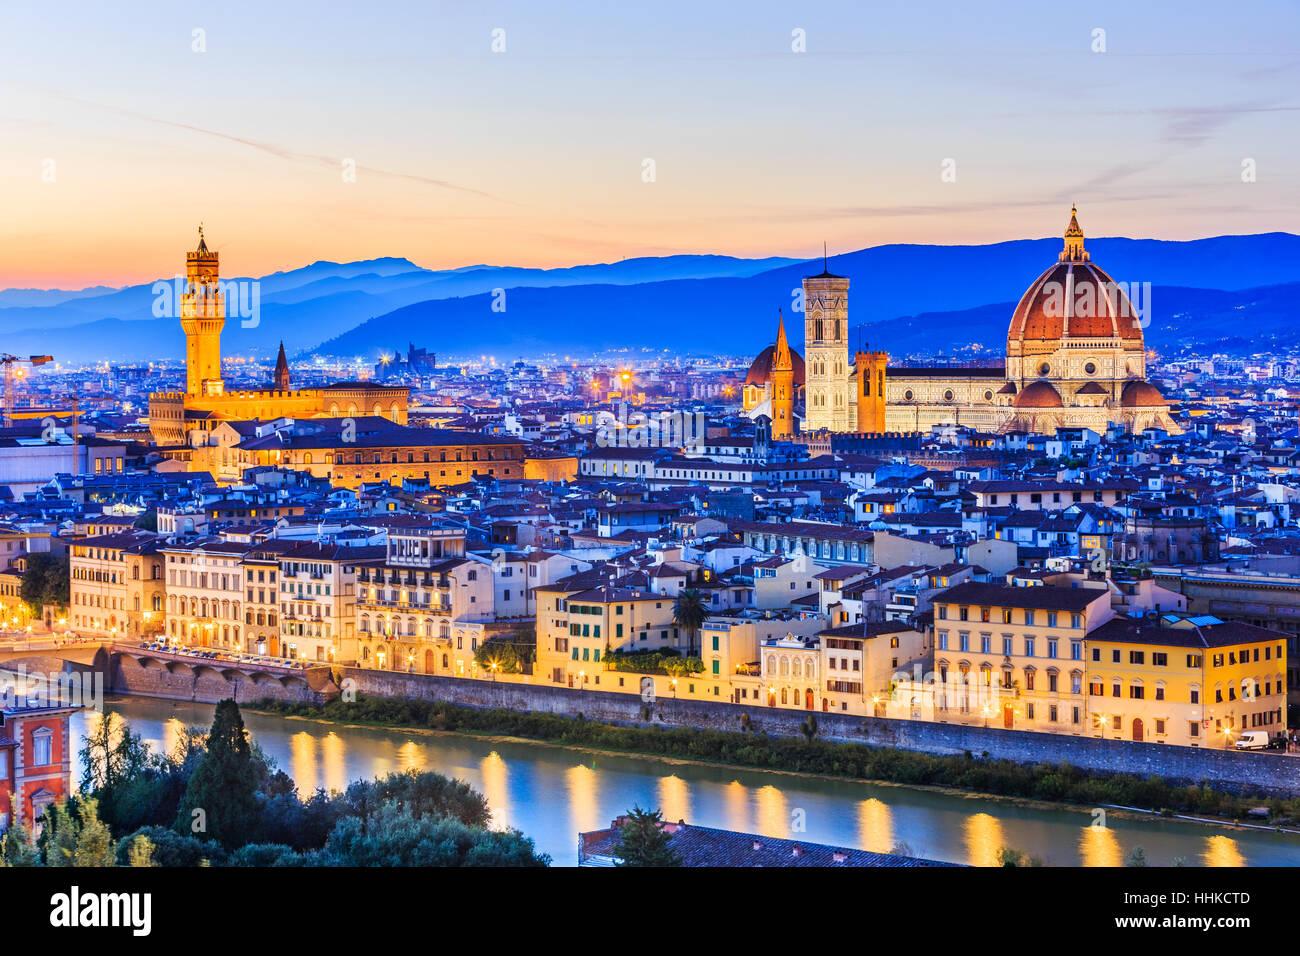 Florenz, Italien. Blick auf Florenz nach Sonnenuntergang vom Piazzale Michelangelo Stockbild